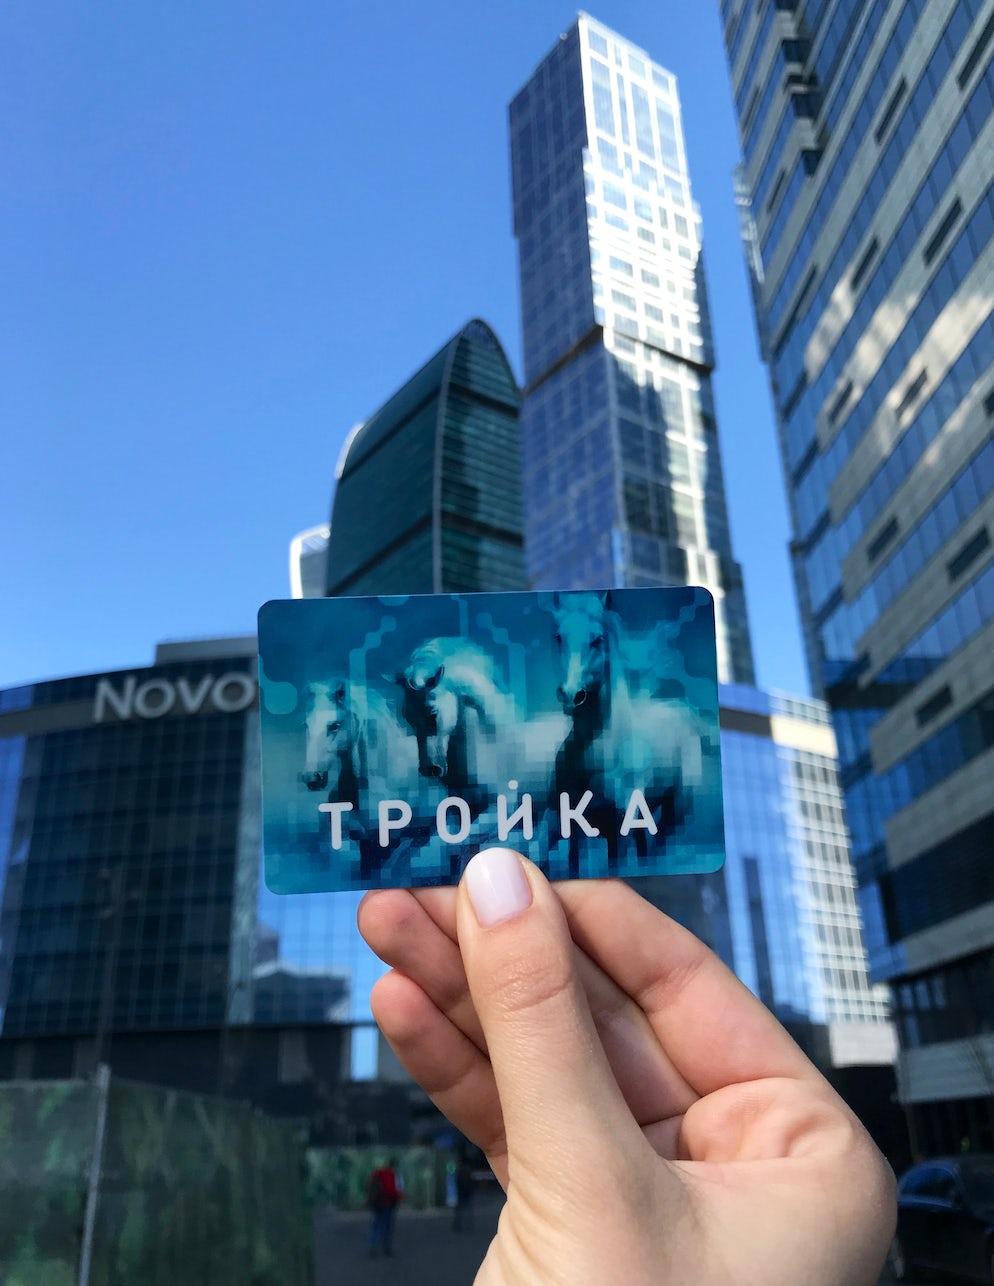 Picture © Credits to Anastasiya Molchanova